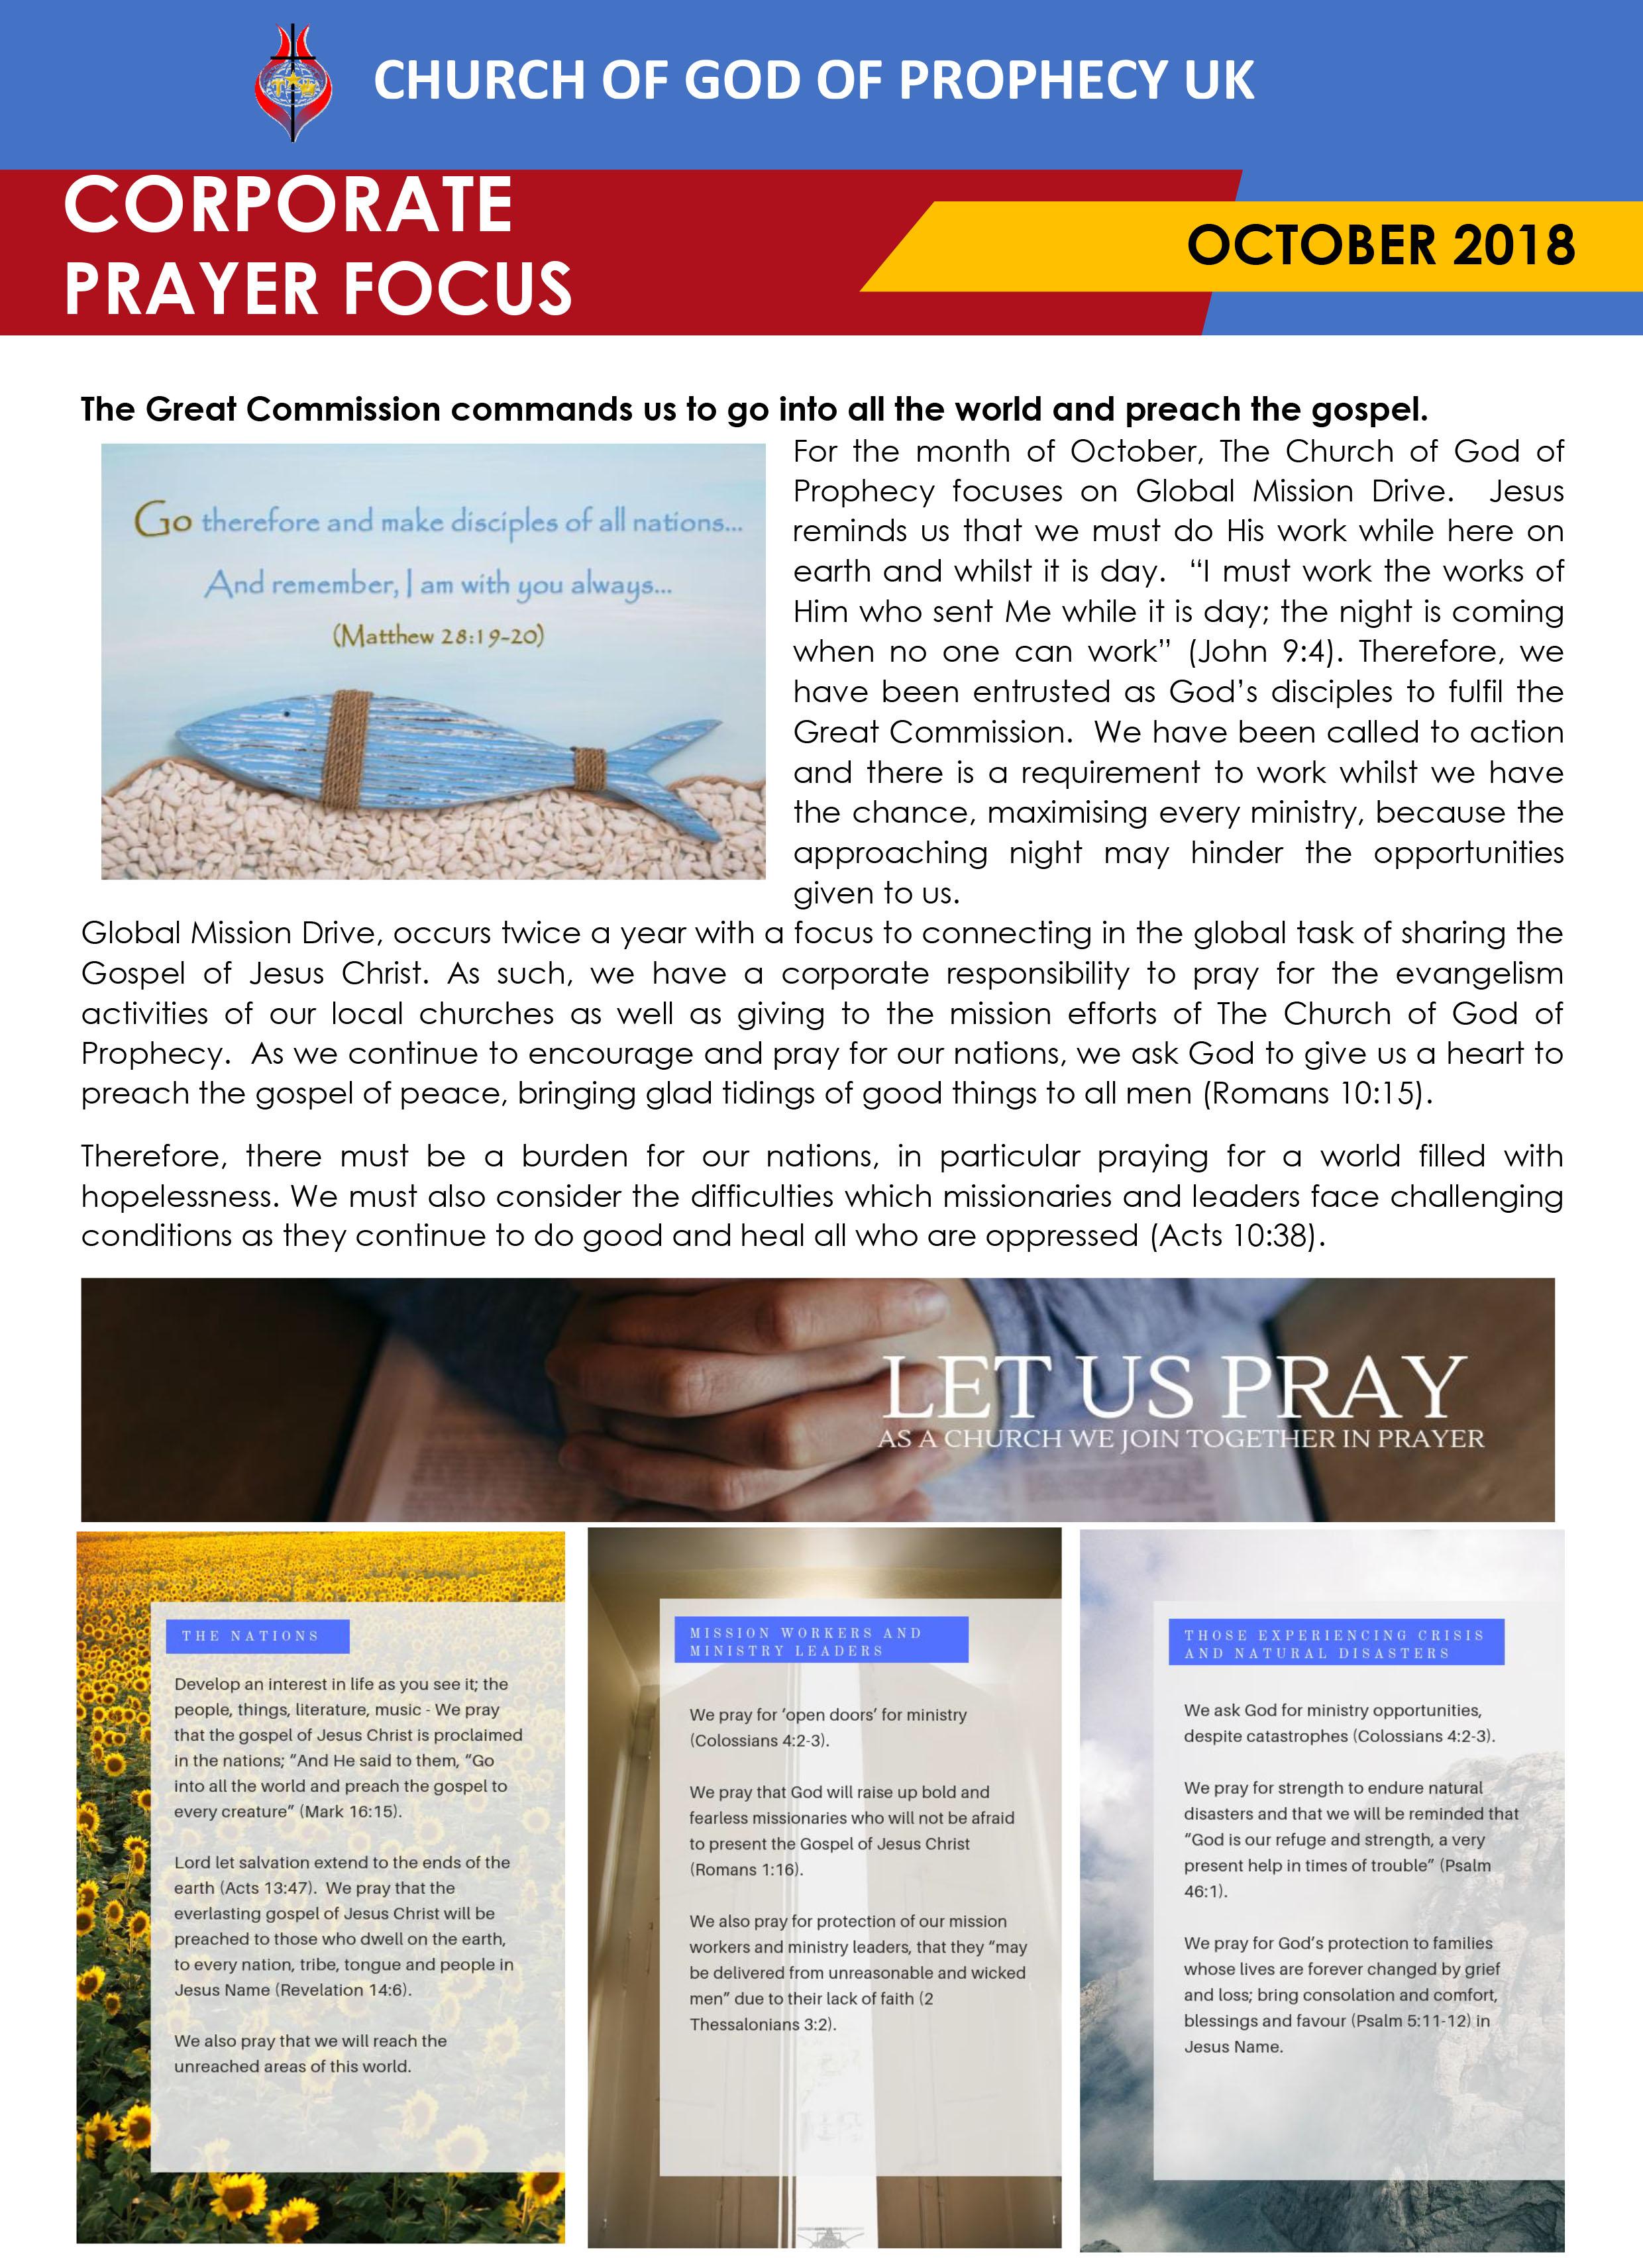 CORPORATE PRAYER NEWSLETTER - OCTOBER 2018[1066]-1.jpg